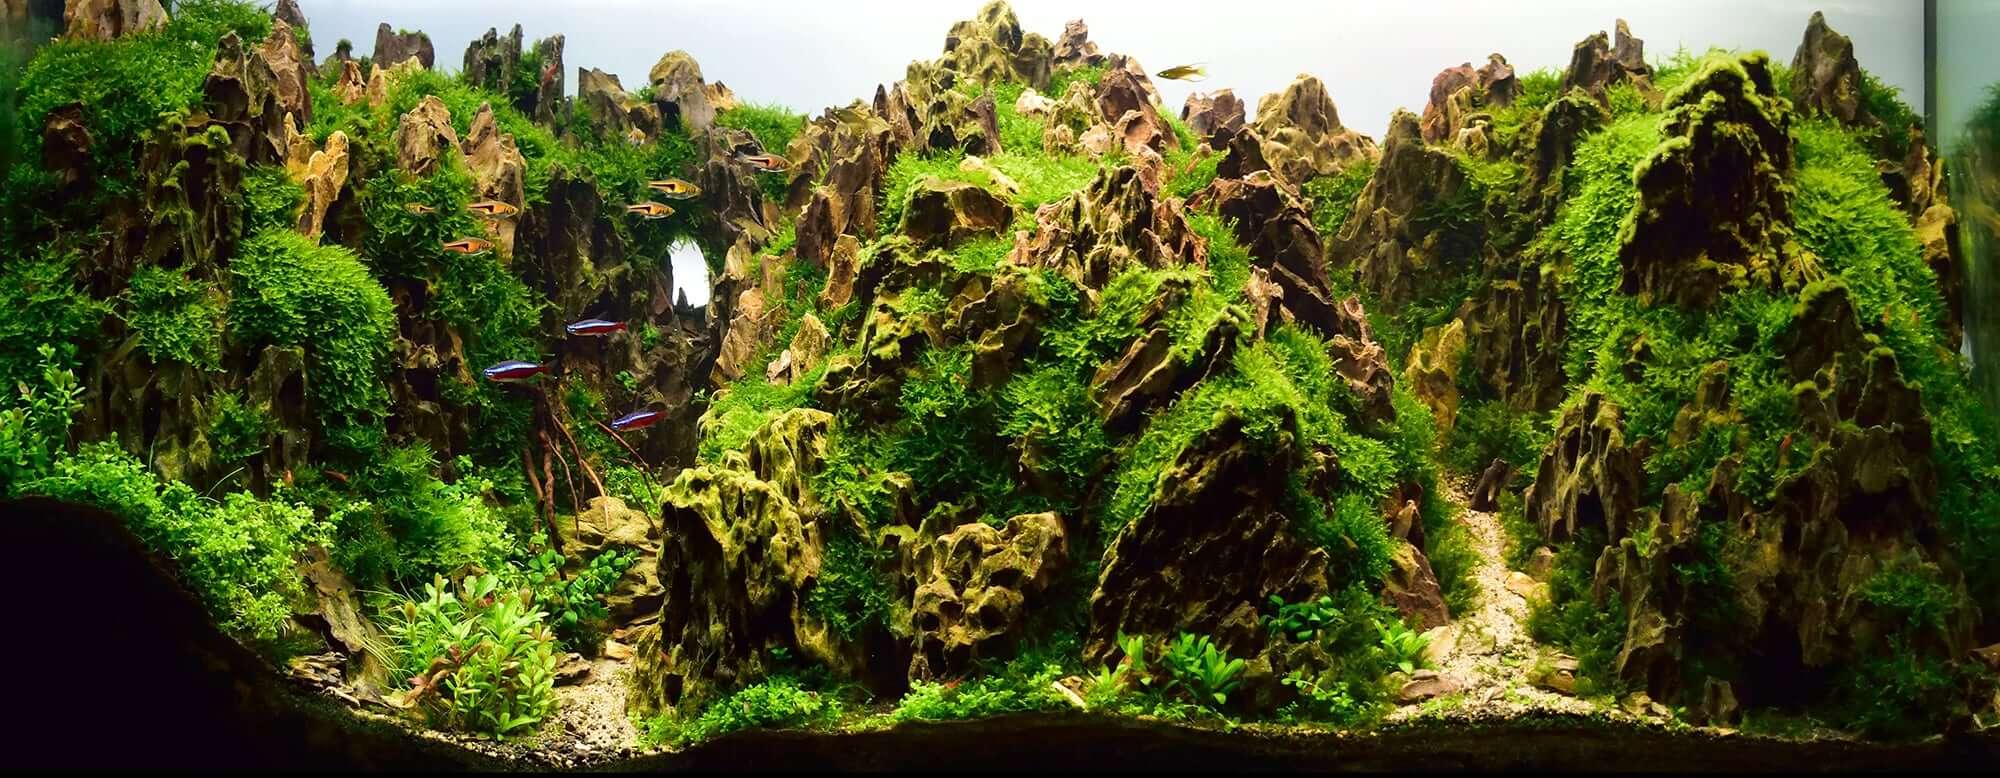 Aquascaping Styles Nature Aquarium Iwagumi Dutch Aquarium Aquascaping Love